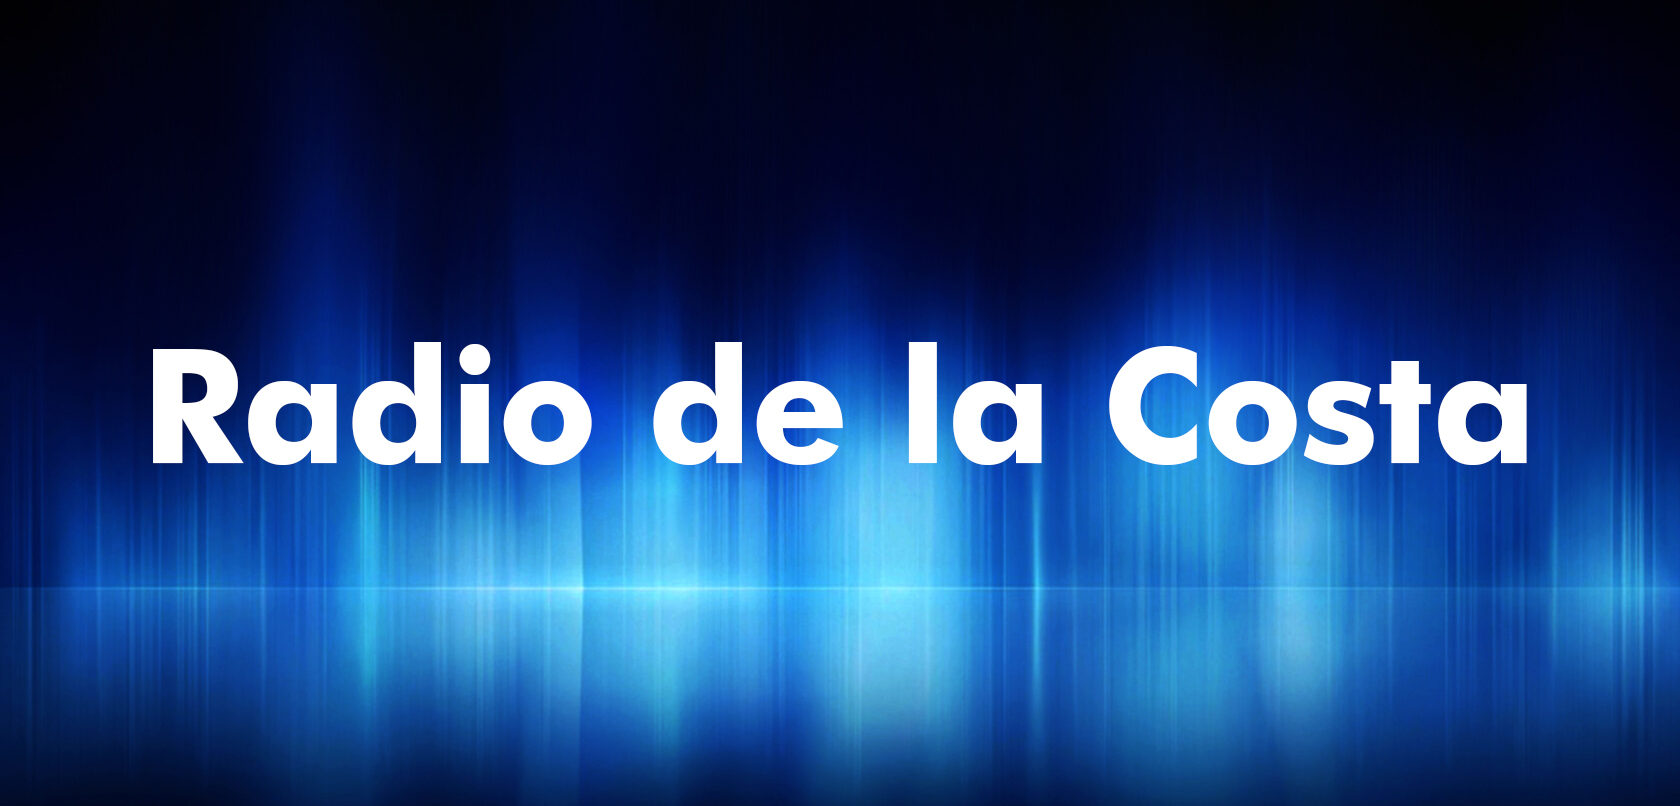 Radio de la Costa – Uruguay